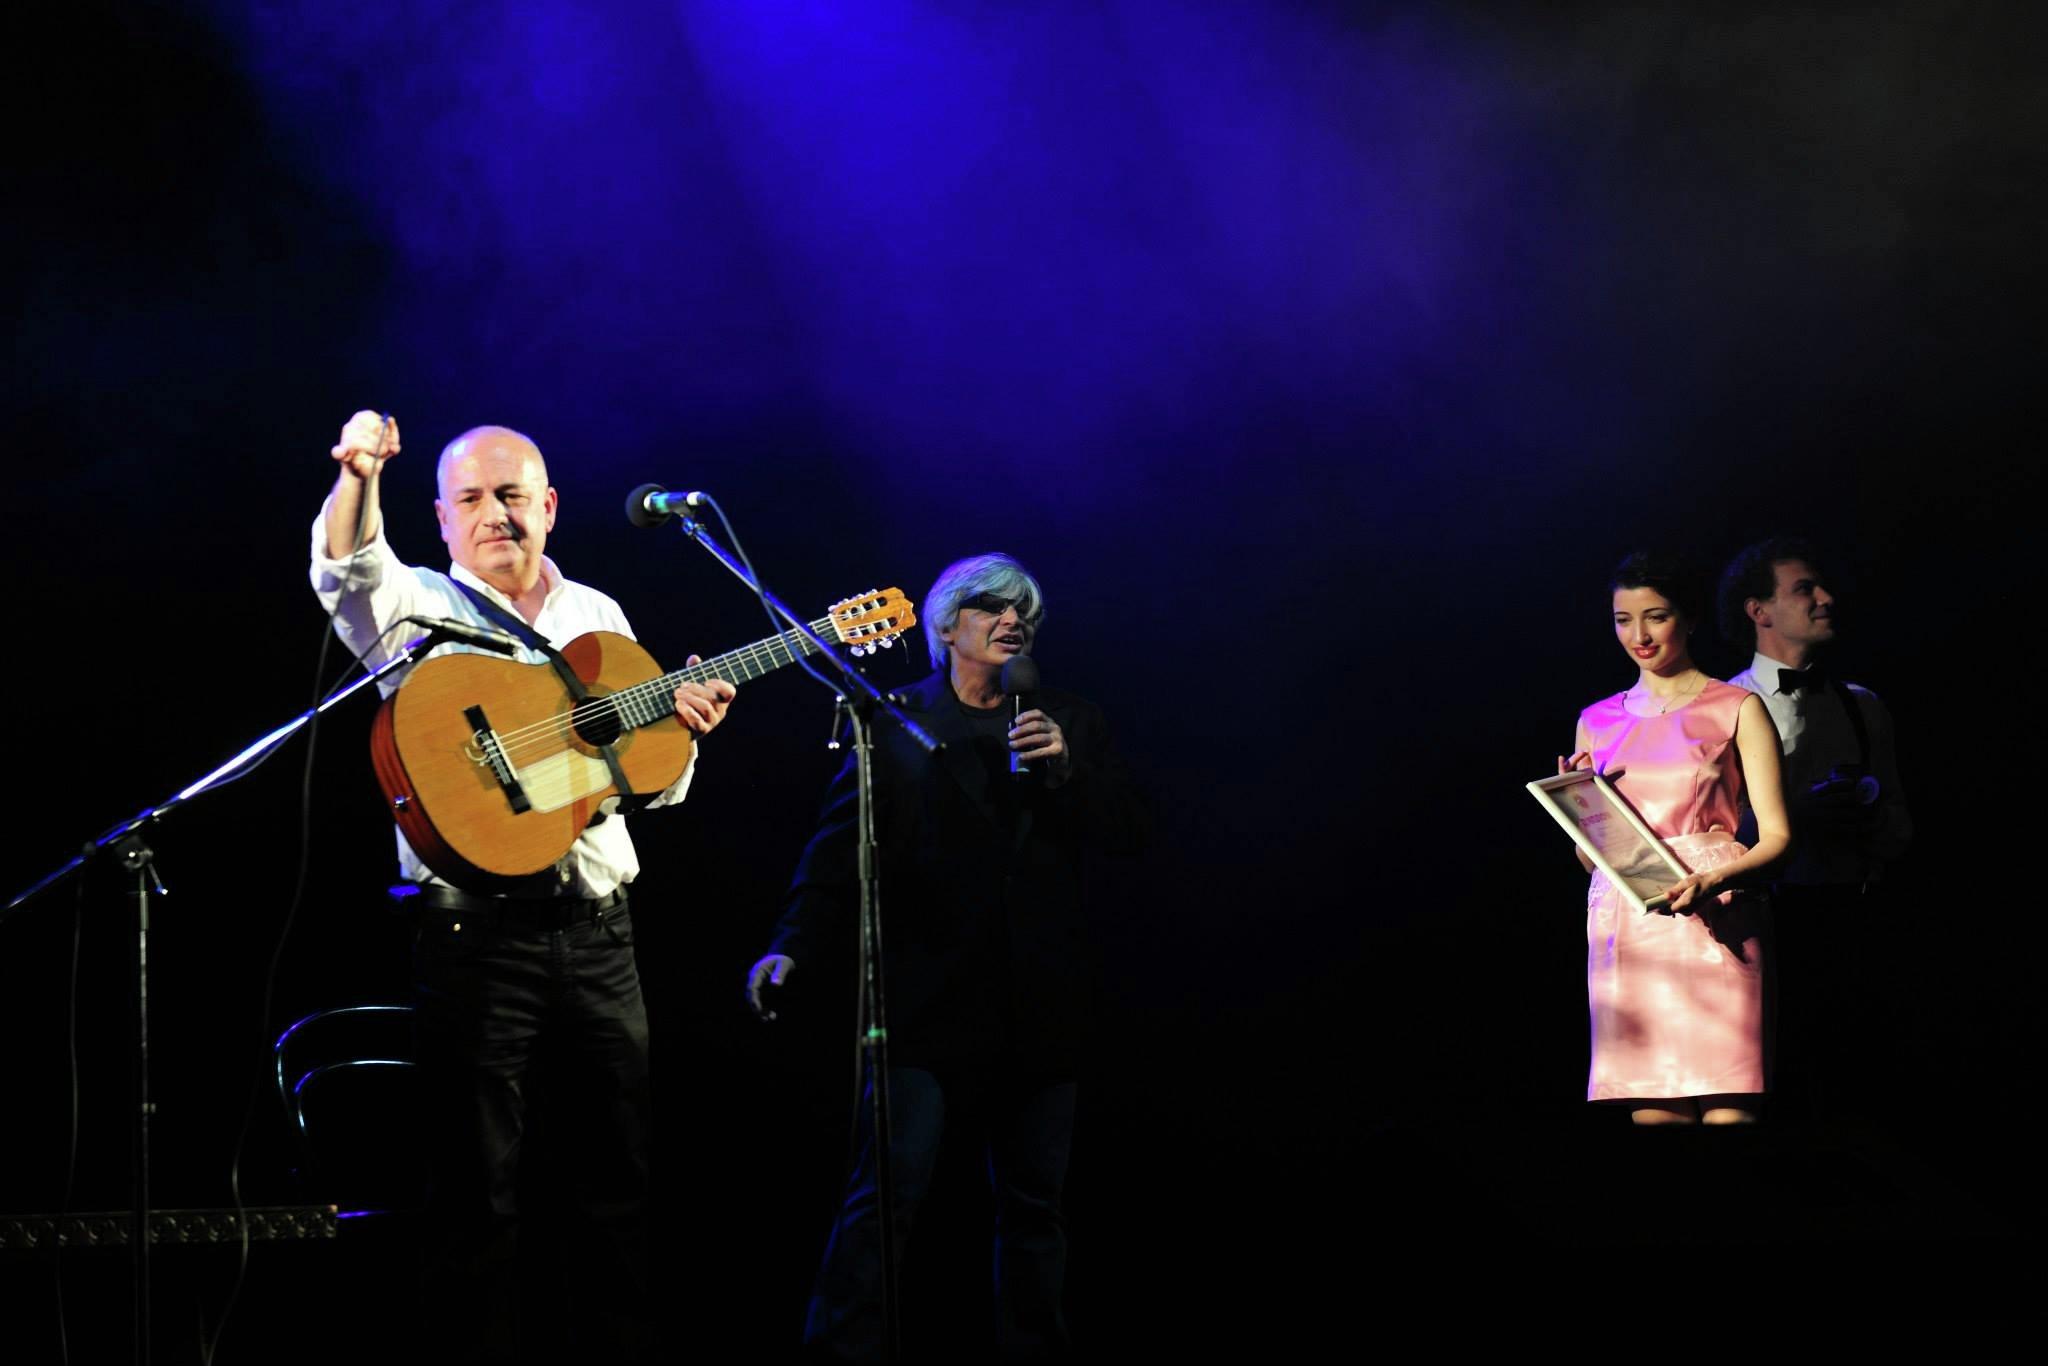 Фестиваль авторской песни, день третий. Выступает Вахтанг Арошидзе, Грузия.